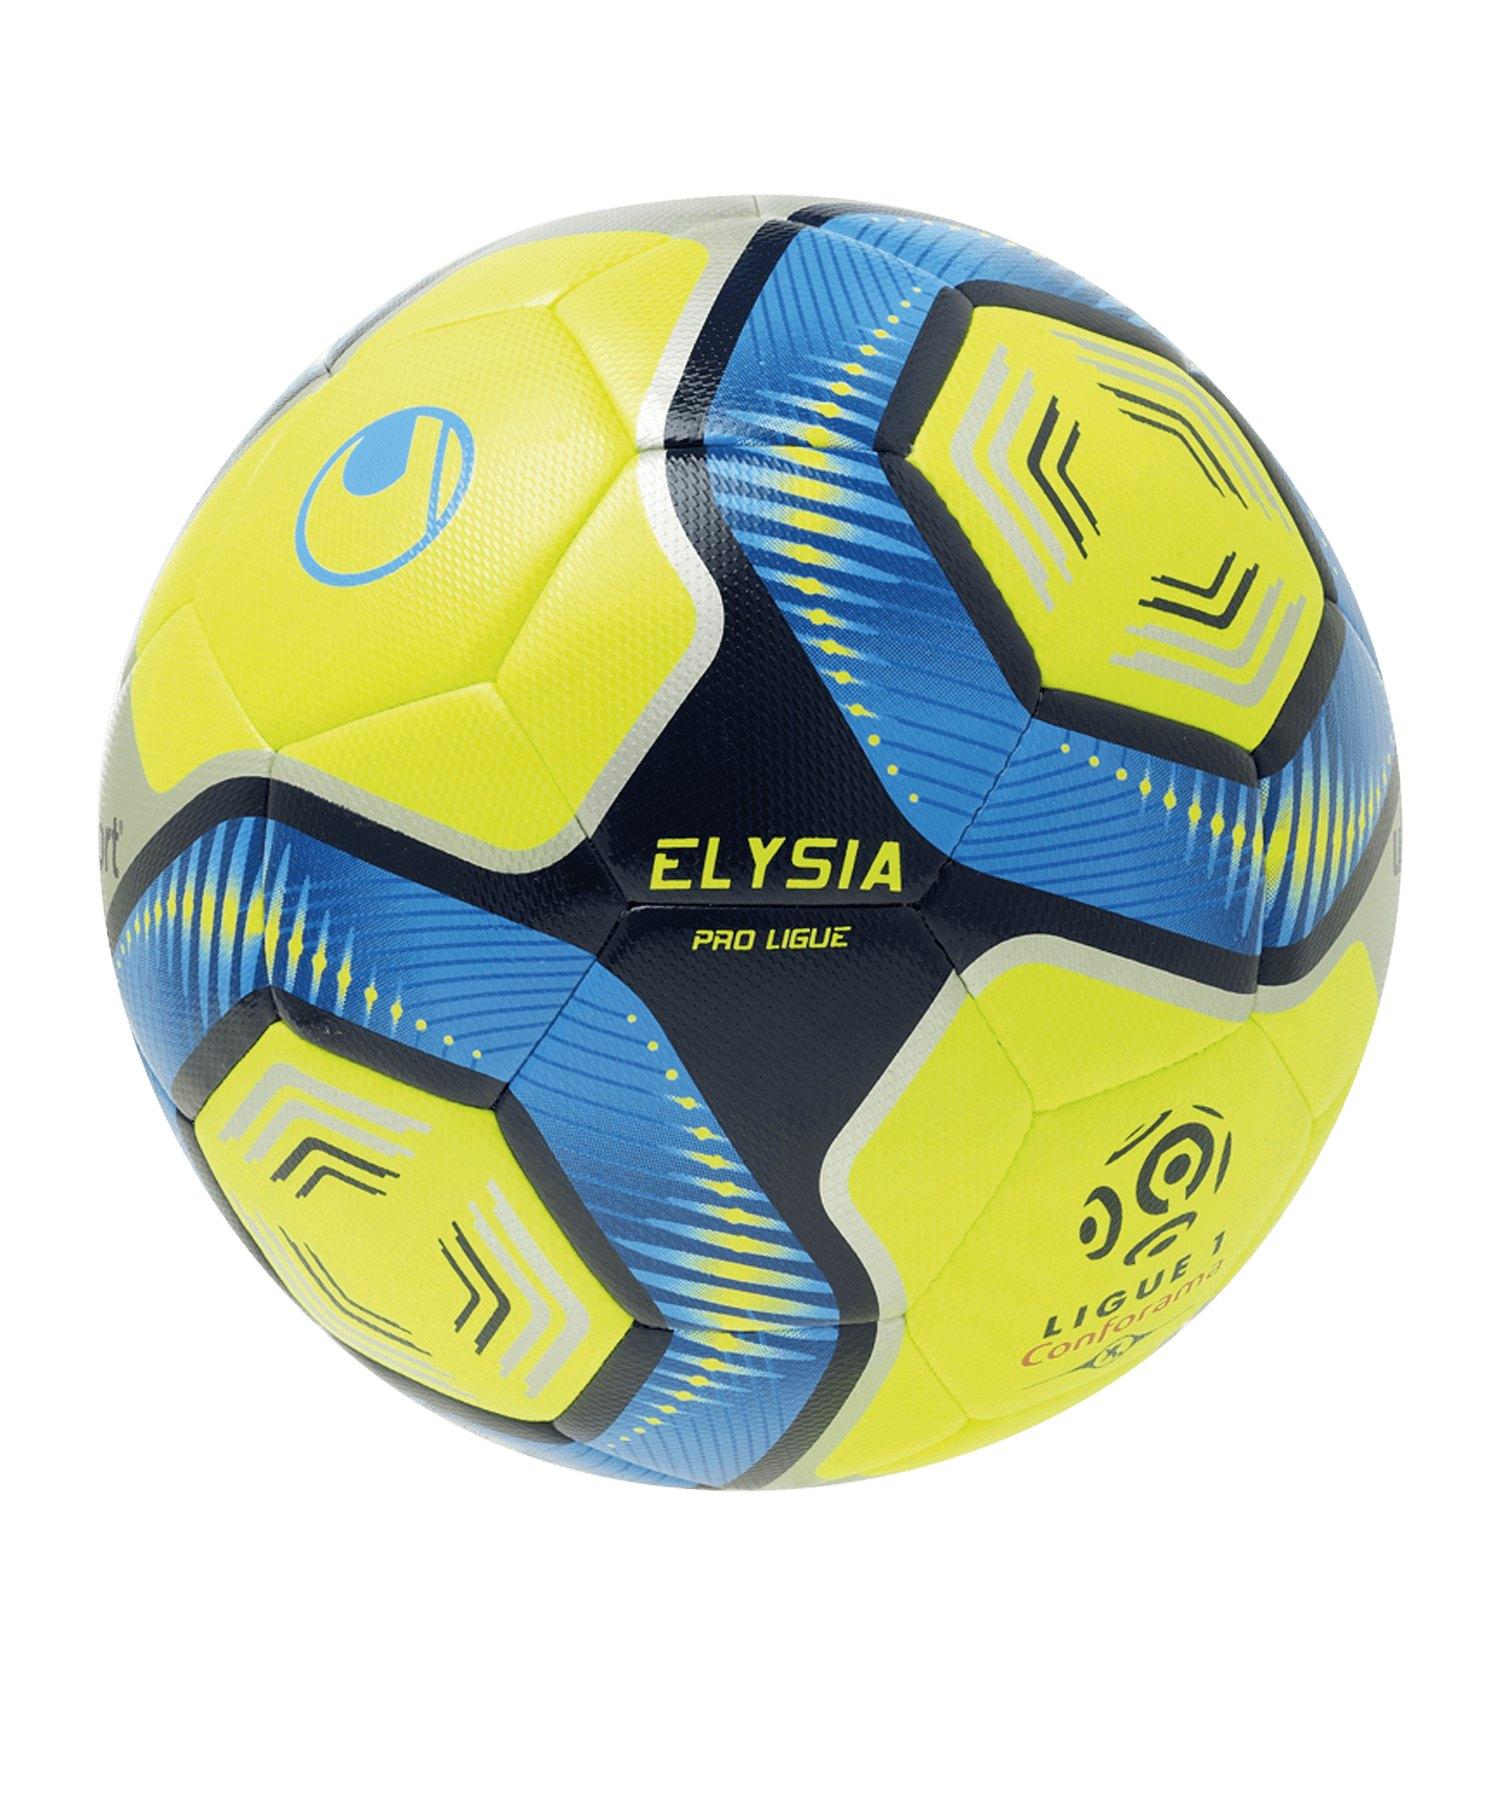 Uhlsport Elysia Pro Ligue Fussball Gelb Blau F02 - gelb